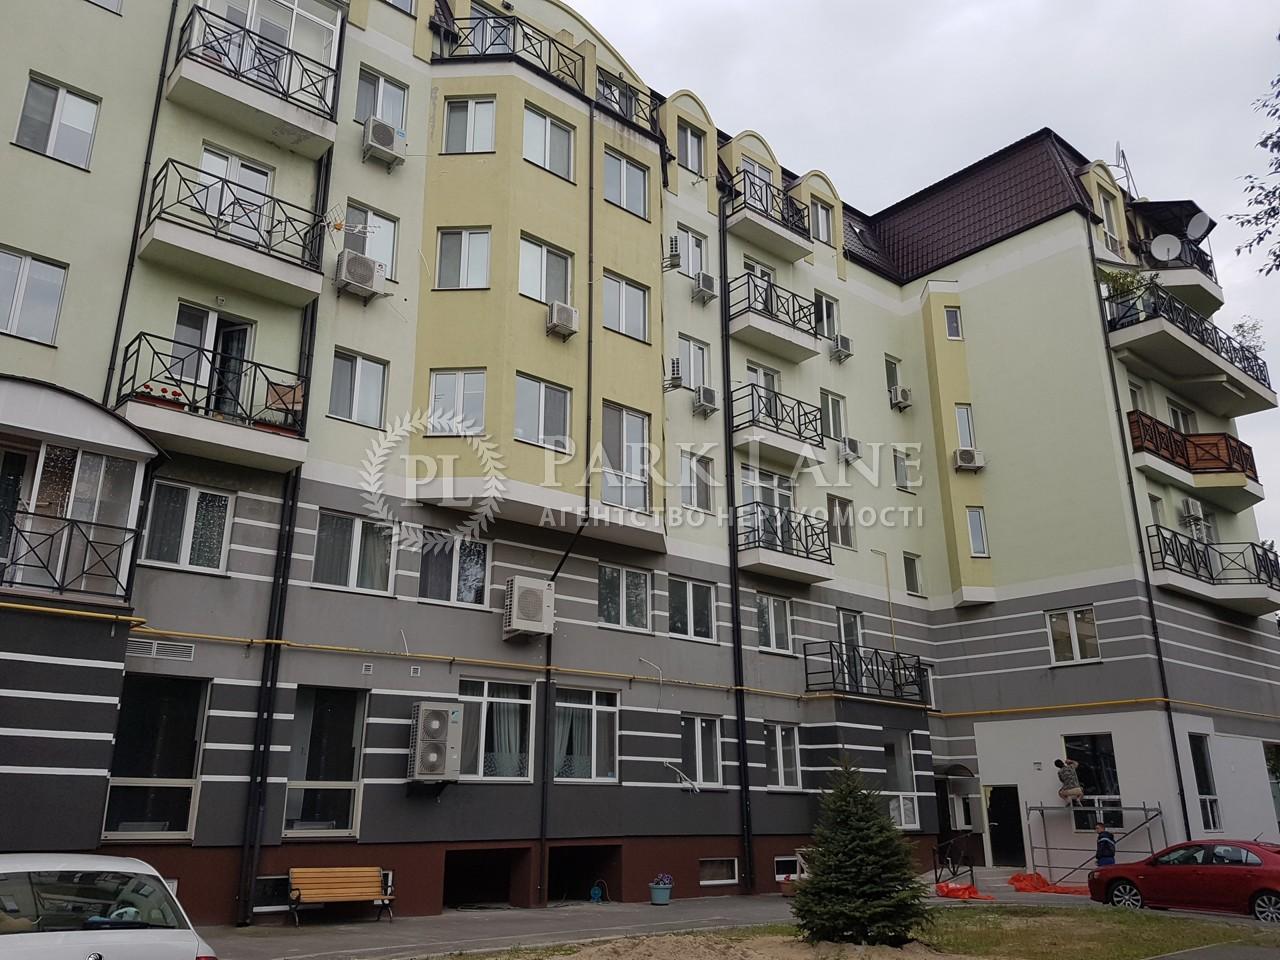 Нежилое помещение, Киевская, Козин (Конча-Заспа), R-32972 - Фото 1